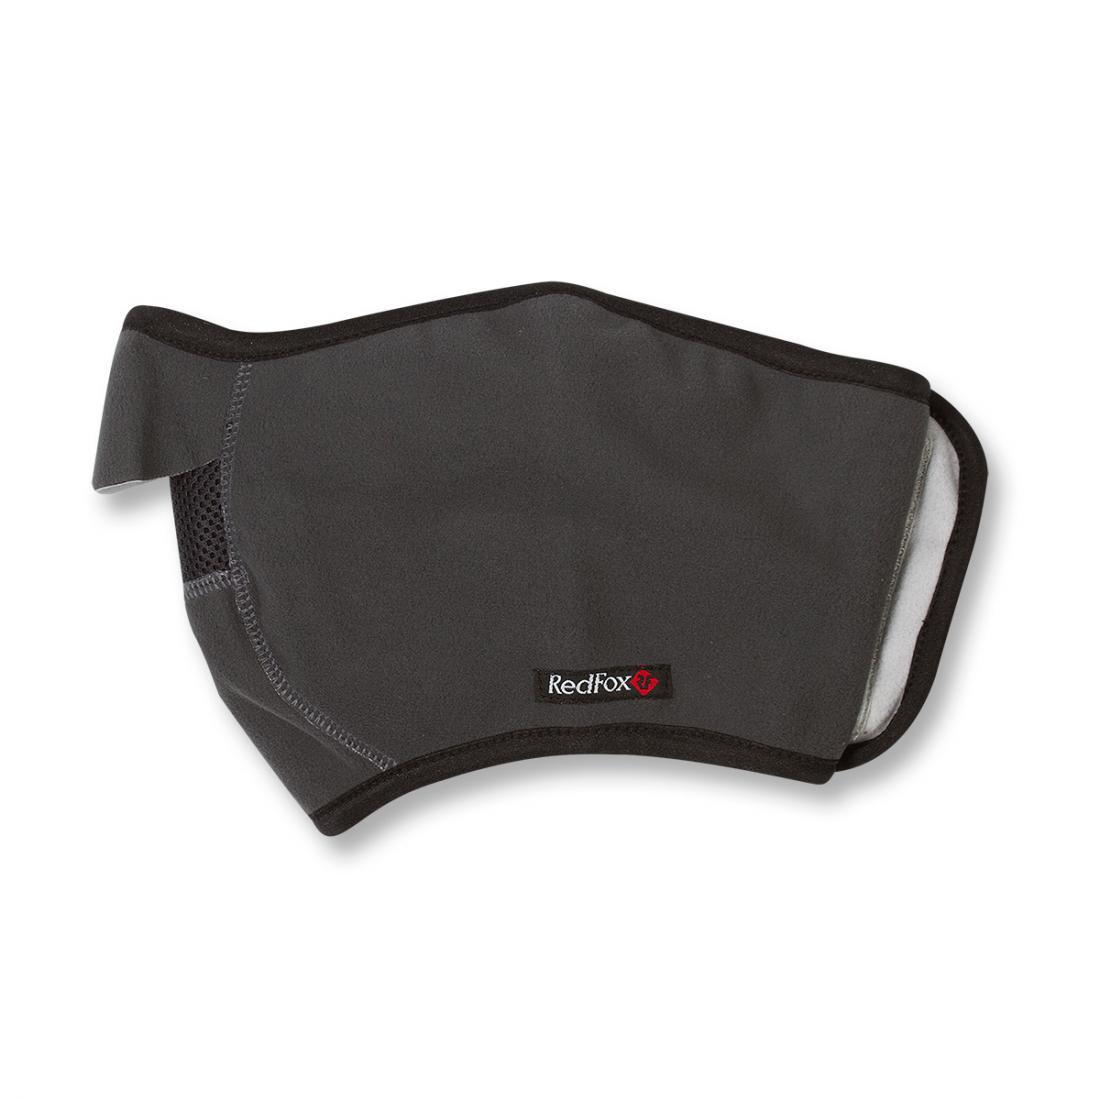 Маска WindblocМаски<br><br> Ветрозащитная маска из материала Polartec® Windbloc®.<br><br><br> Основные характеристики<br><br><br><br><br>облегающий анатомический крой<br>отверстие для дыхания<br>анатомическая форма зашитной перемычки для носа<br>...<br><br>Цвет: Серый<br>Размер: None